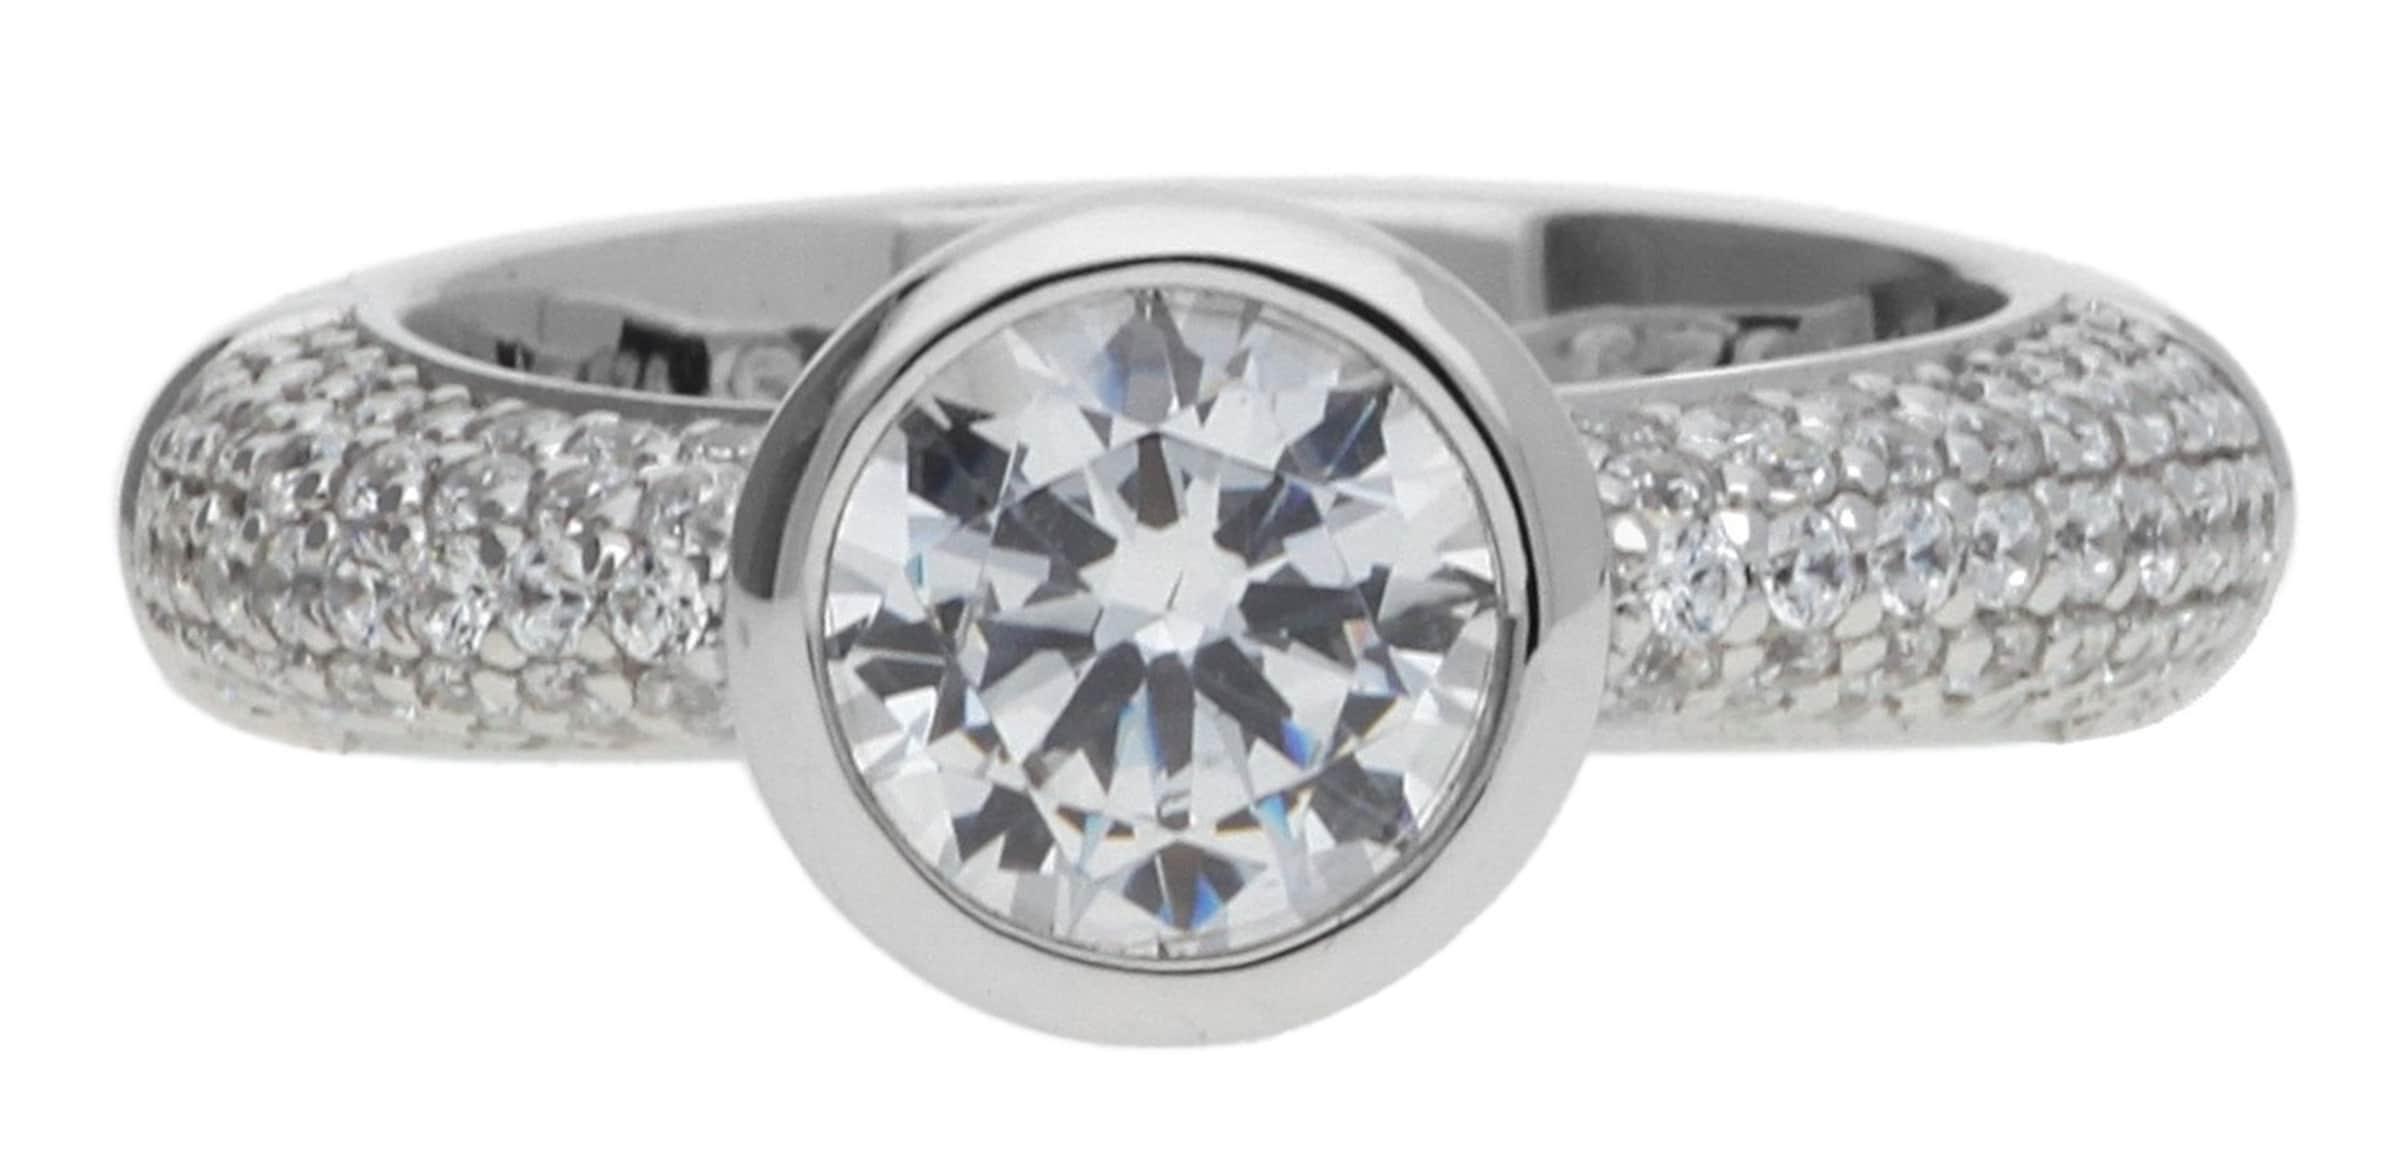 JOOP! Fingerring Silber Silber Meryl Original-Verkauf Online Y3UcELR